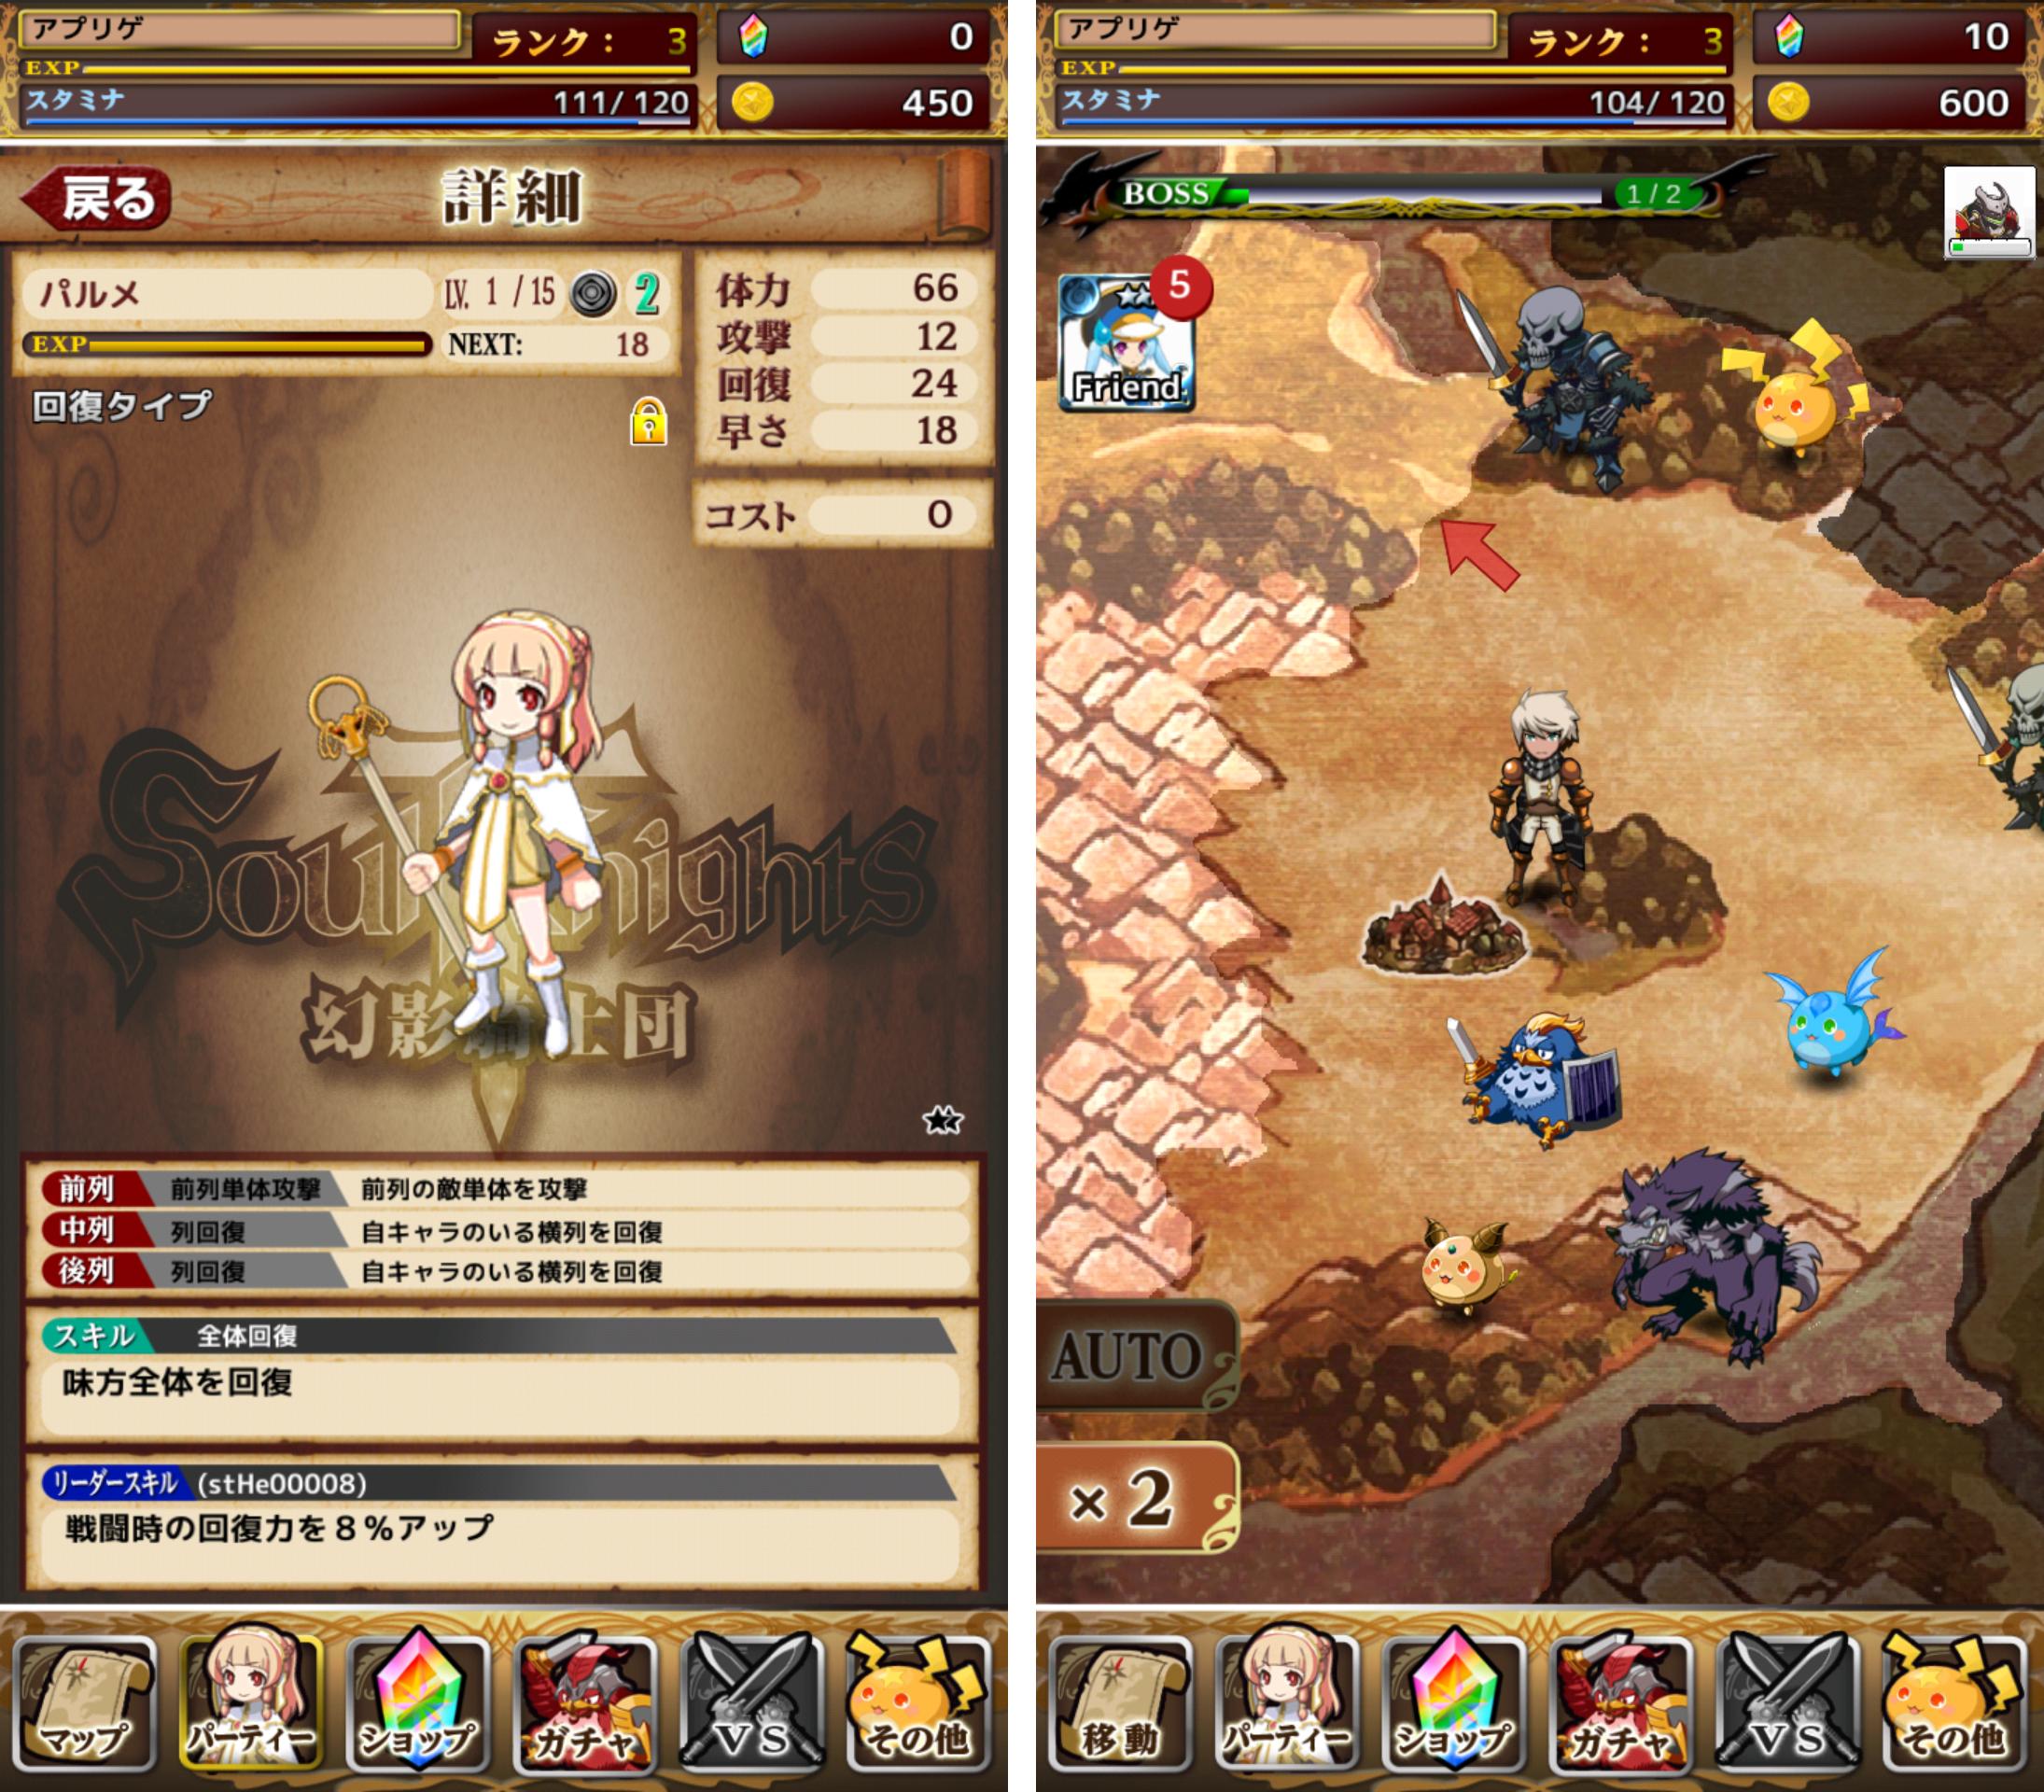 ソウルナイツ(SoulKnights) androidアプリスクリーンショット3